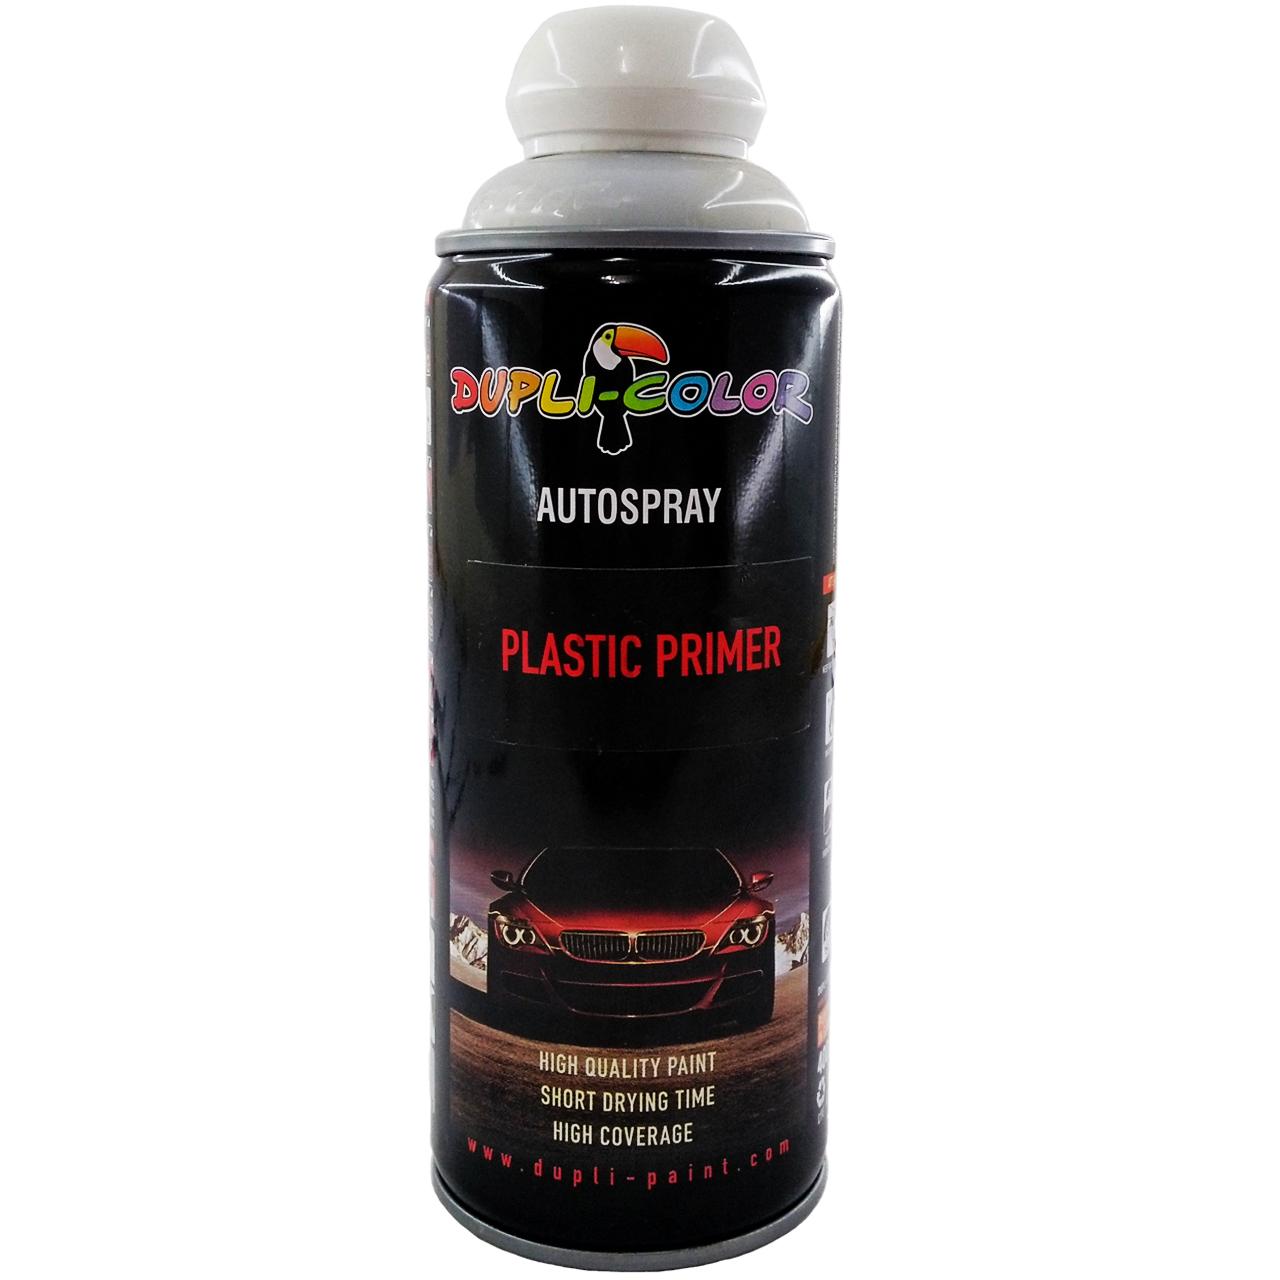 اسپری رنگ آستر دوپلی کالر مدل Plastic Primer حجم 400 میلی لیتری